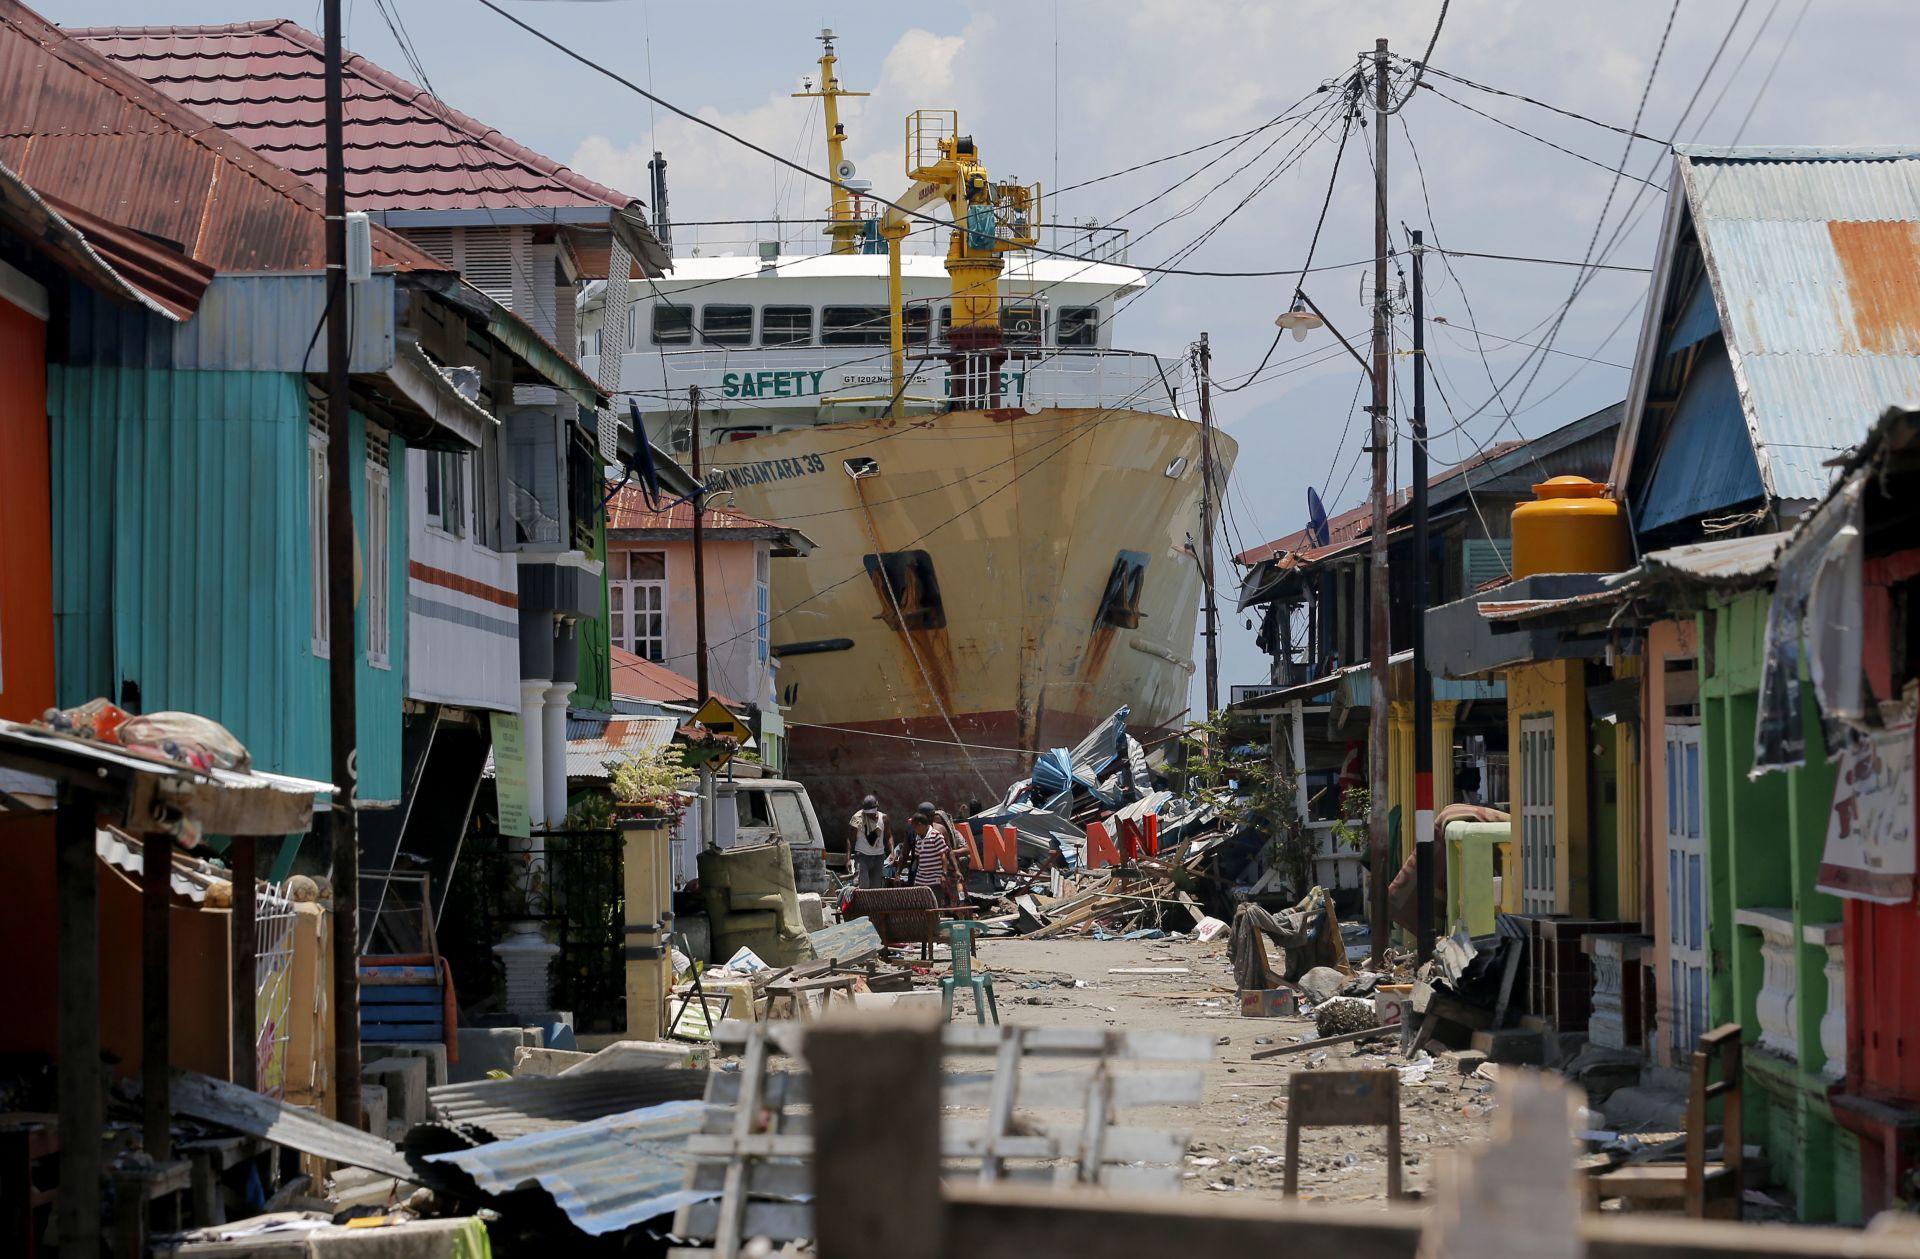 Земетресение с магнитуд 7.4 разтърси Индонезия на 28 септември и предизвика цунами, а височината на вълните достигна 3-5 м